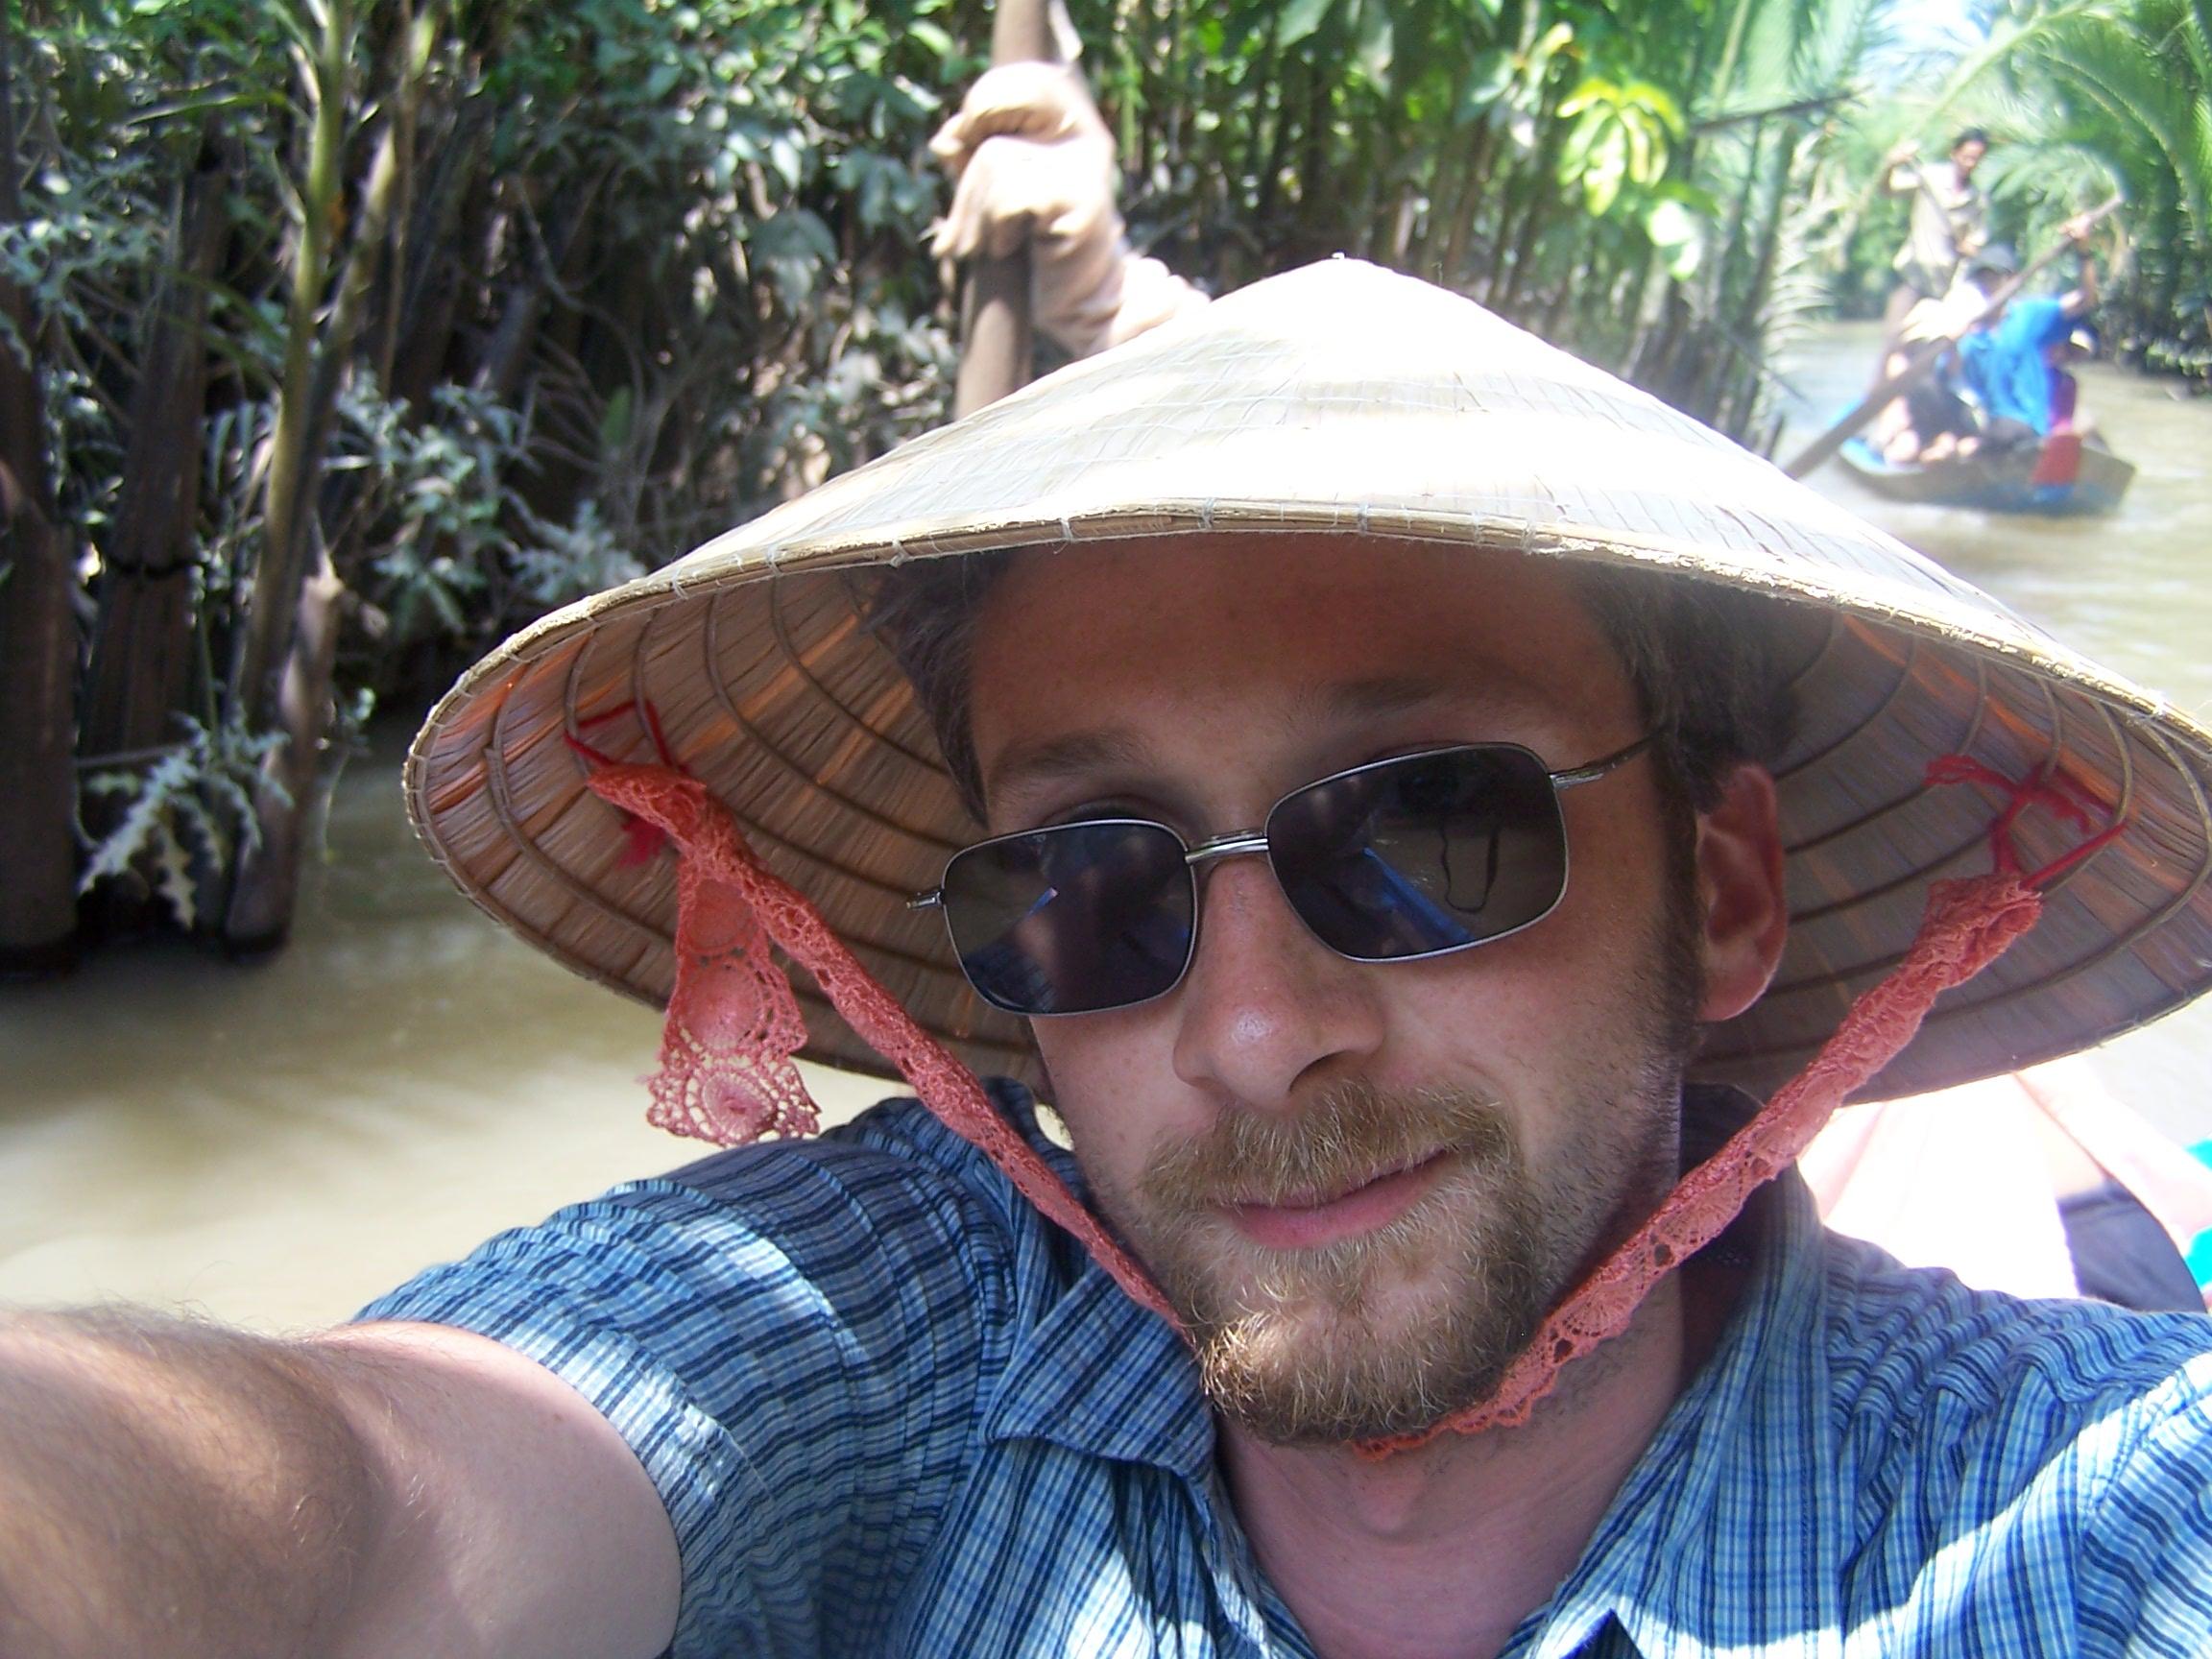 On the Mekong delta in Vietnam